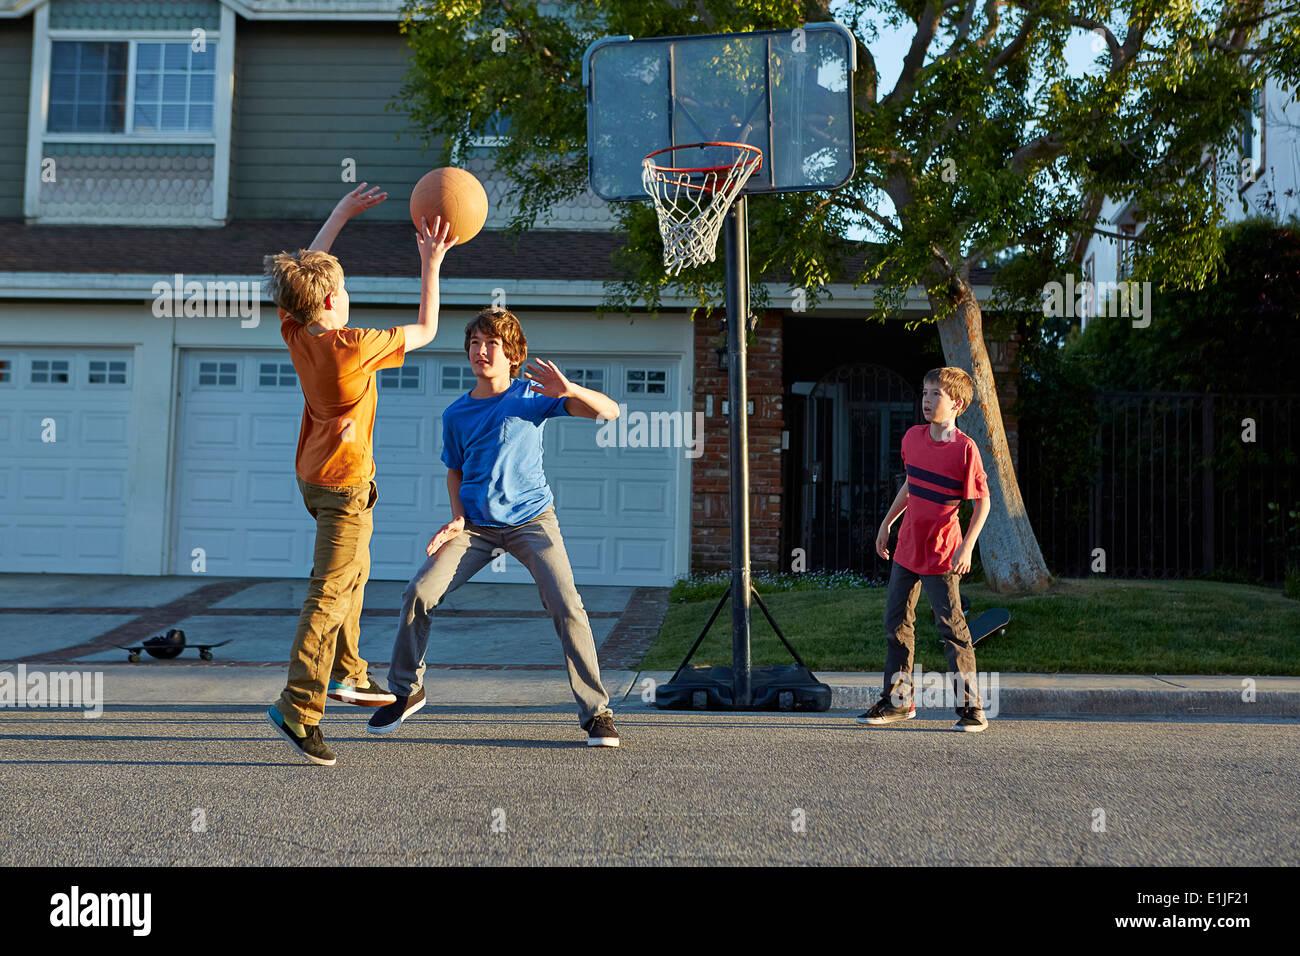 Jungen spielen Basketball vor Haus Stockfoto